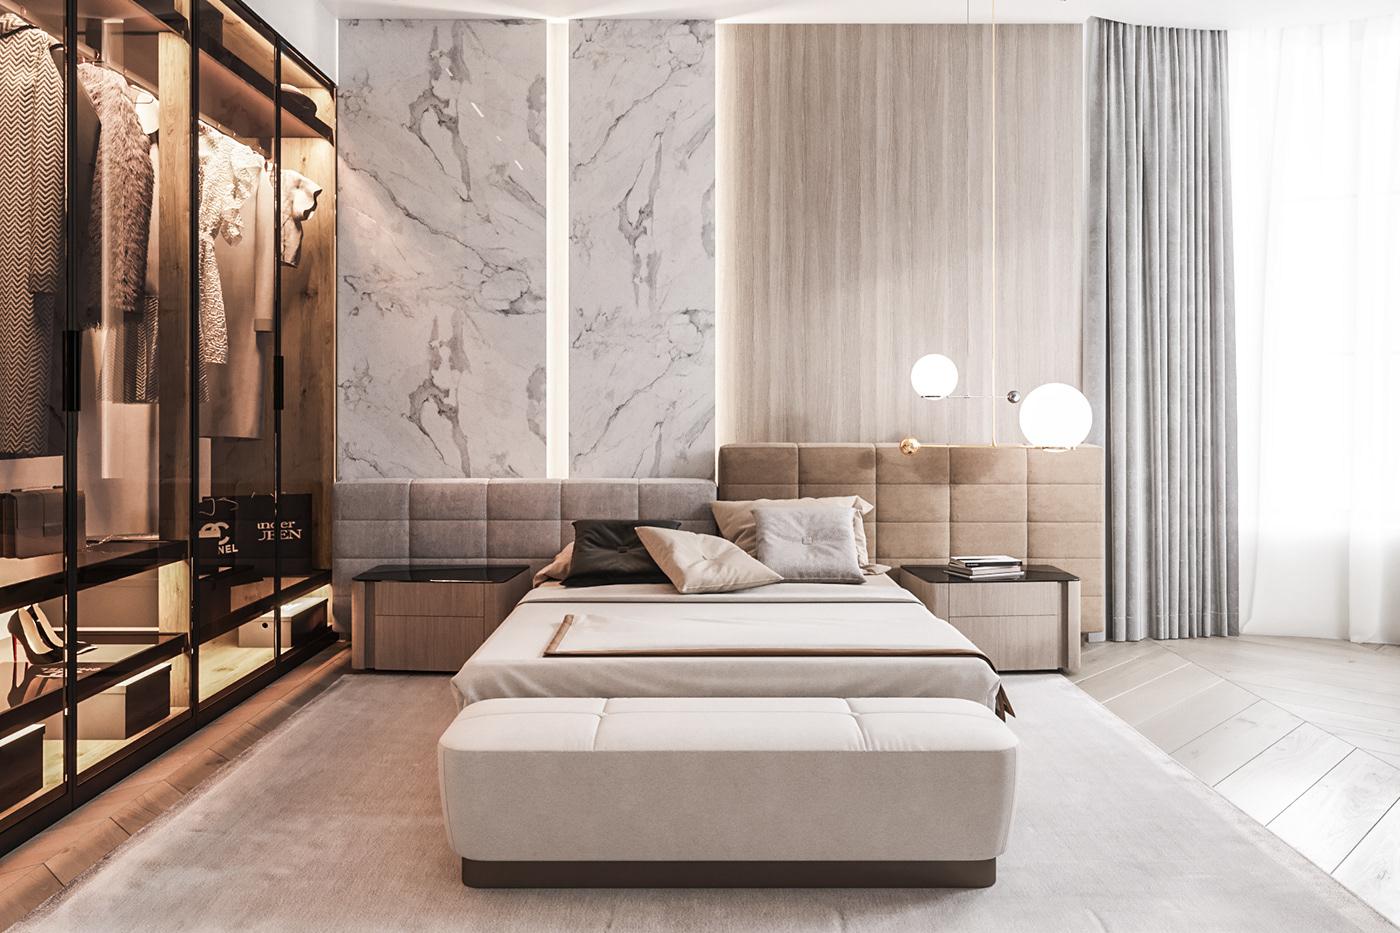 Kiến trúc sư tư vấn thiết kế ngôi nhà cấp 4 diện tích 120m² chi phí 150 triệu đồng - Ảnh 7.